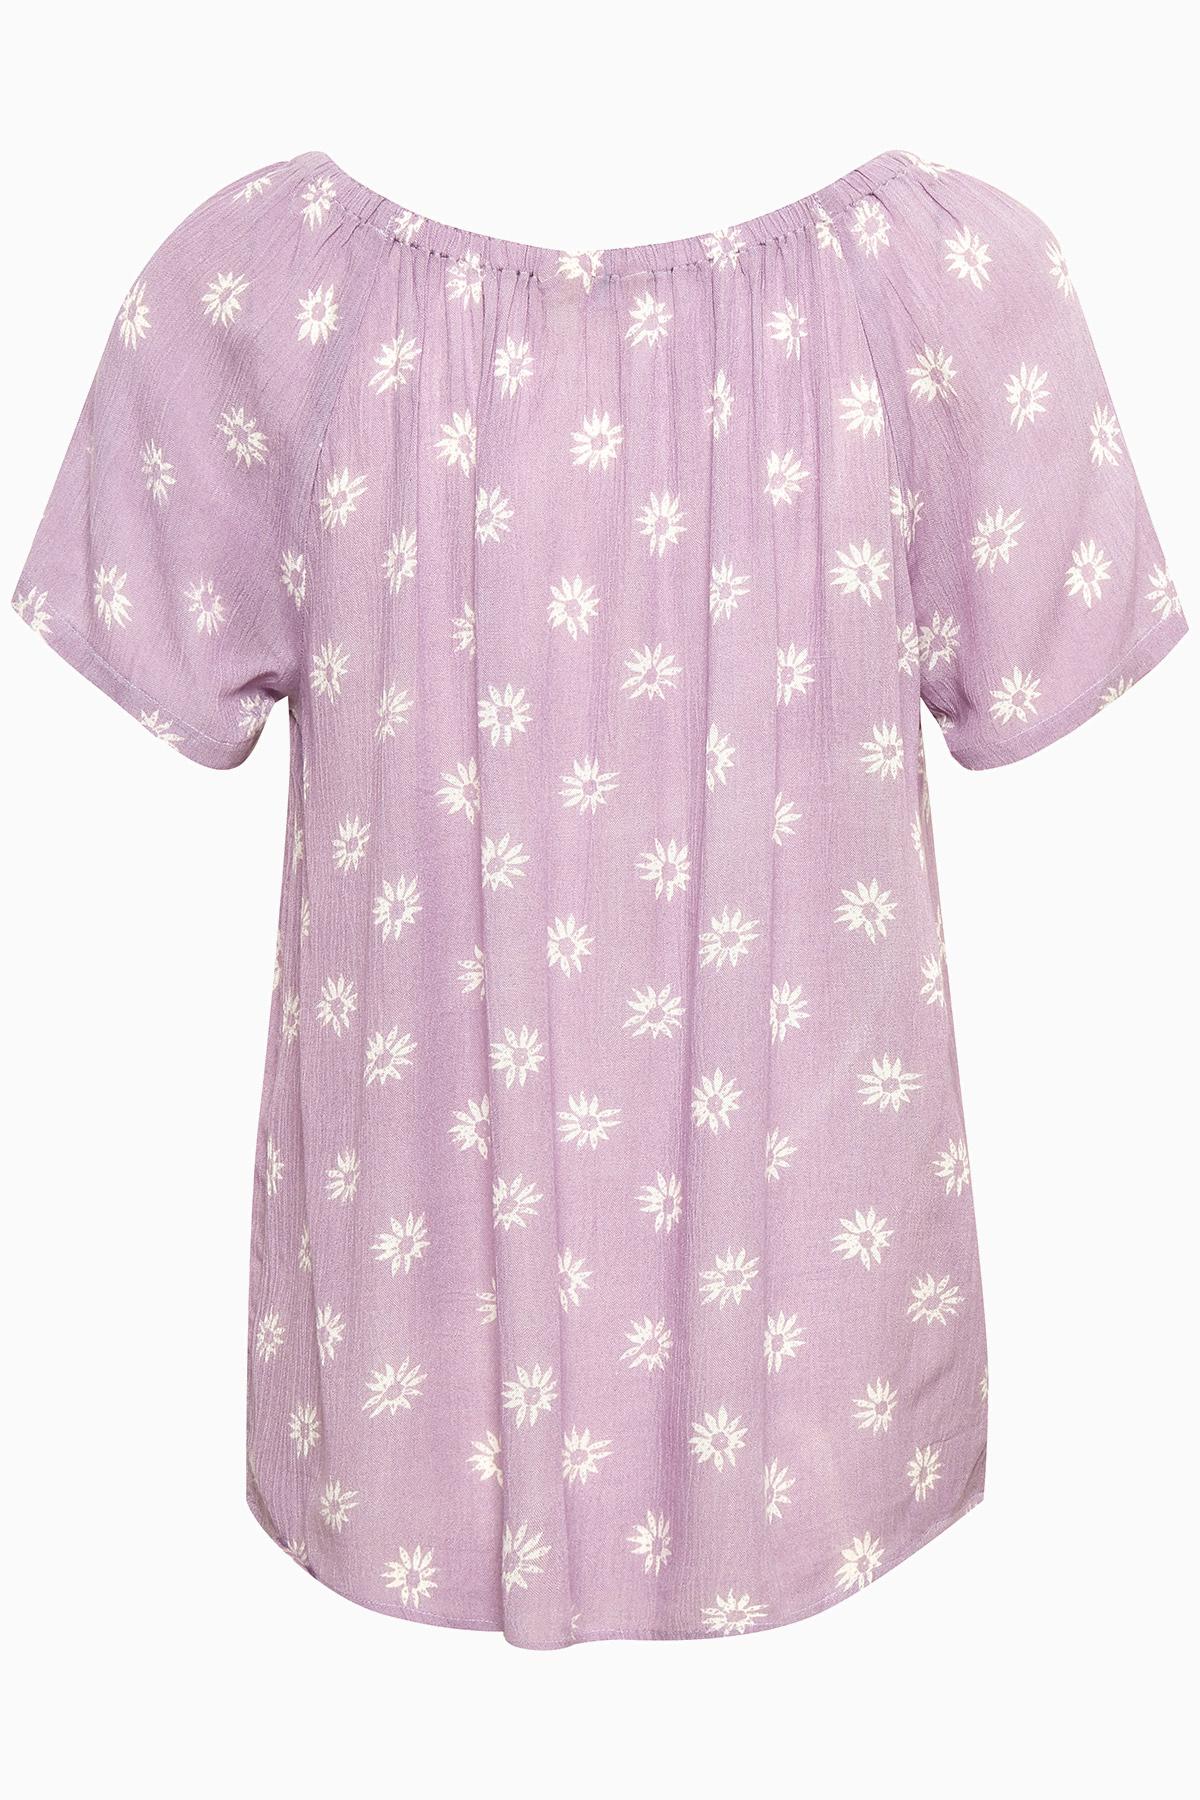 Støvet lilla Kortærmet bluse fra Bon'A Parte – Køb Støvet lilla Kortærmet bluse fra str. S-2XL her